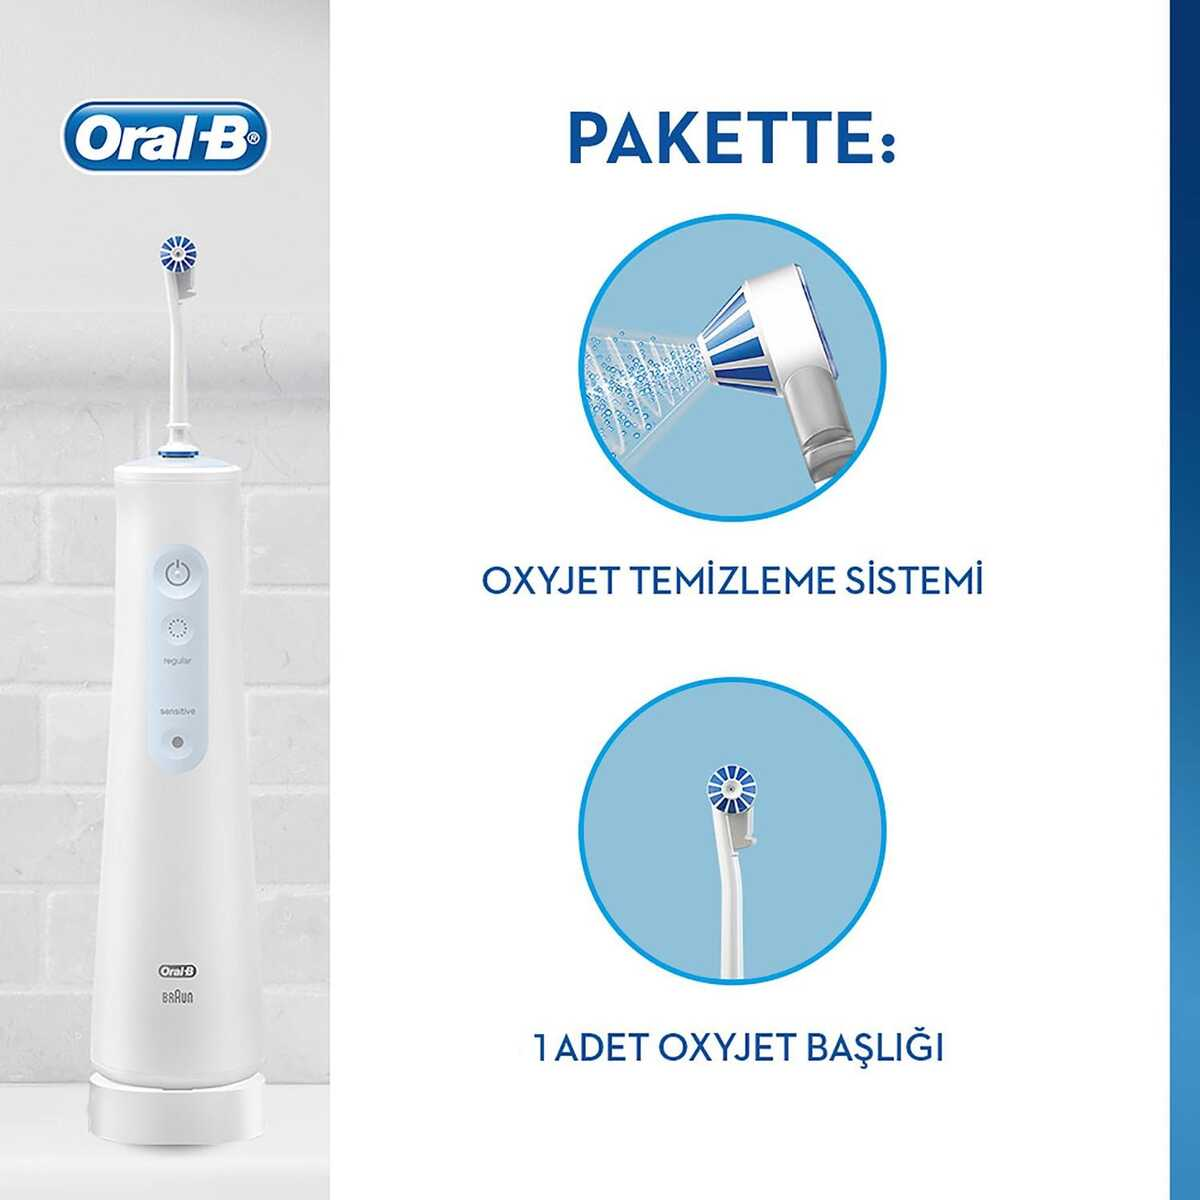 Oral-B Aquacare Oxyjet Şarj Edilebilir Ağız Duşu